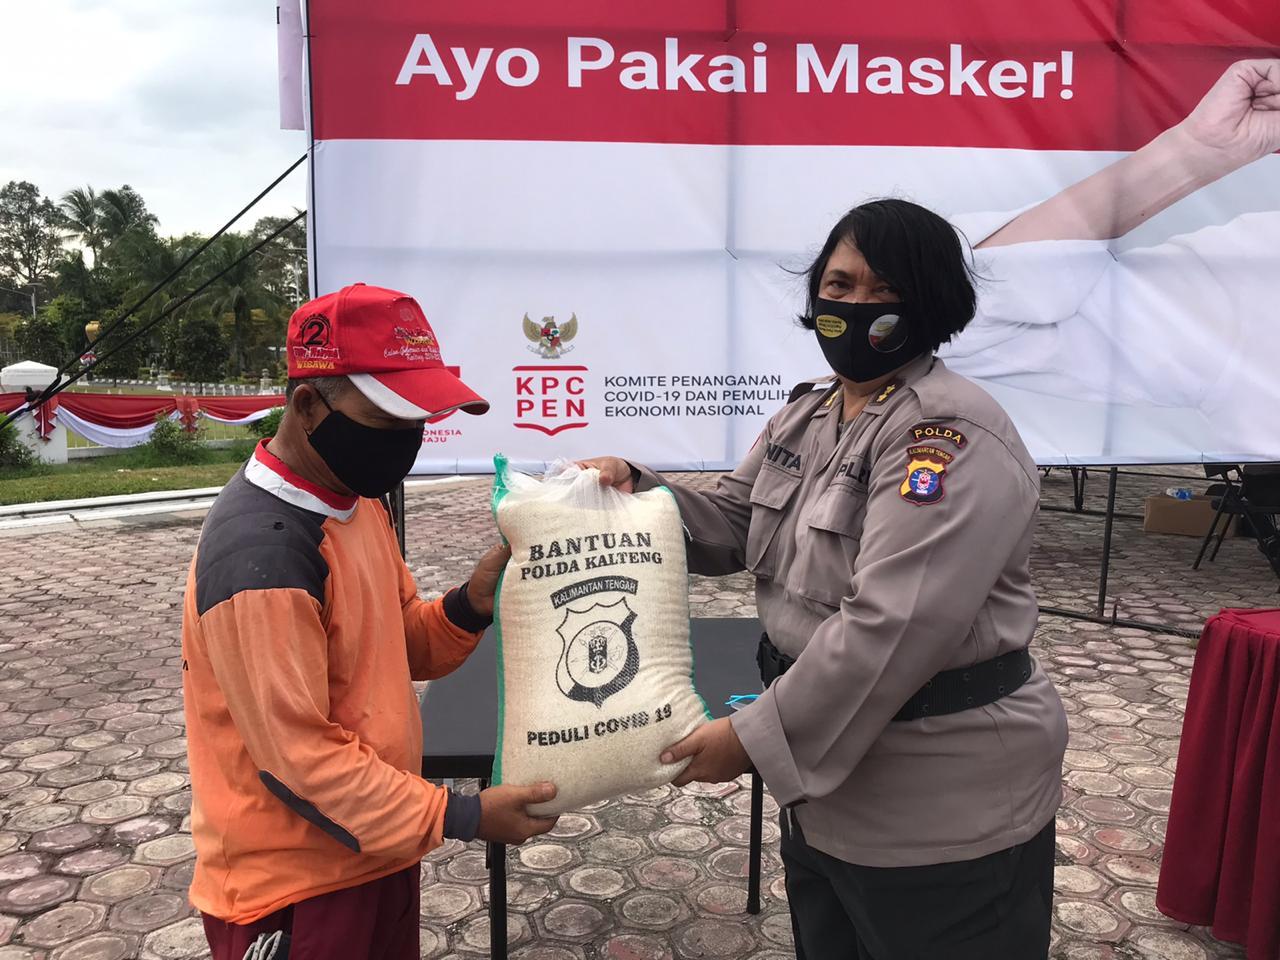 Sambut Hari Jadi Polwan Ke-72, Polwan Brimob Kalteng Bagi Masker Gratis Untuk Masyarakat